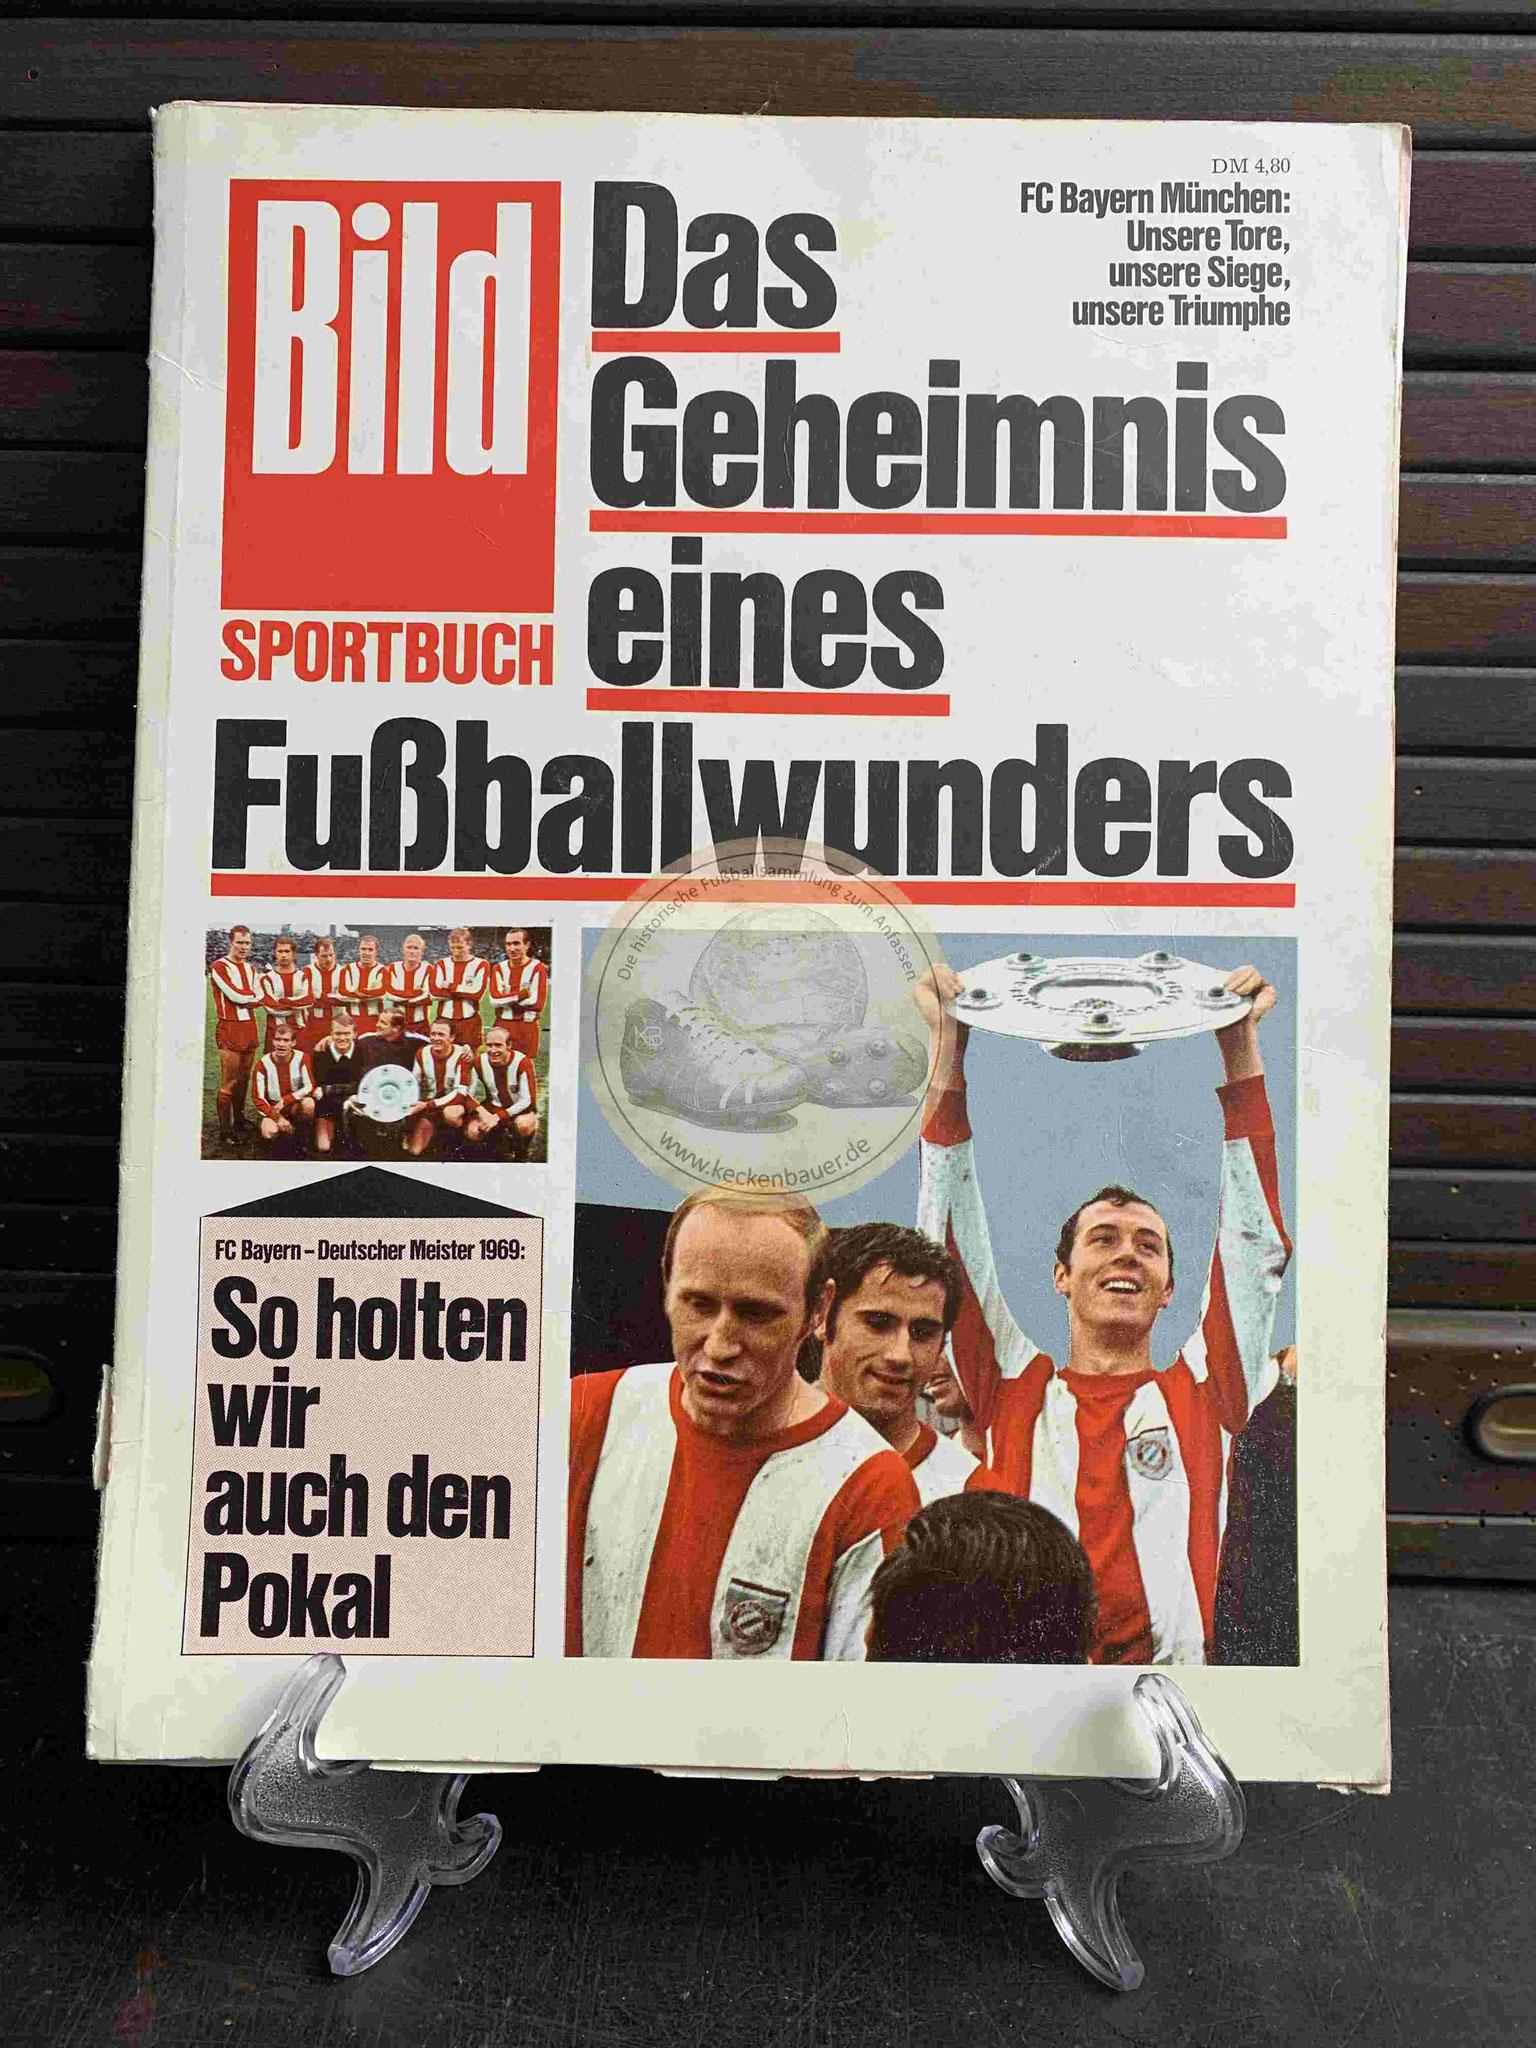 BILD Das Geheimnis eines Fußballwunders aus dem Jahr 1969